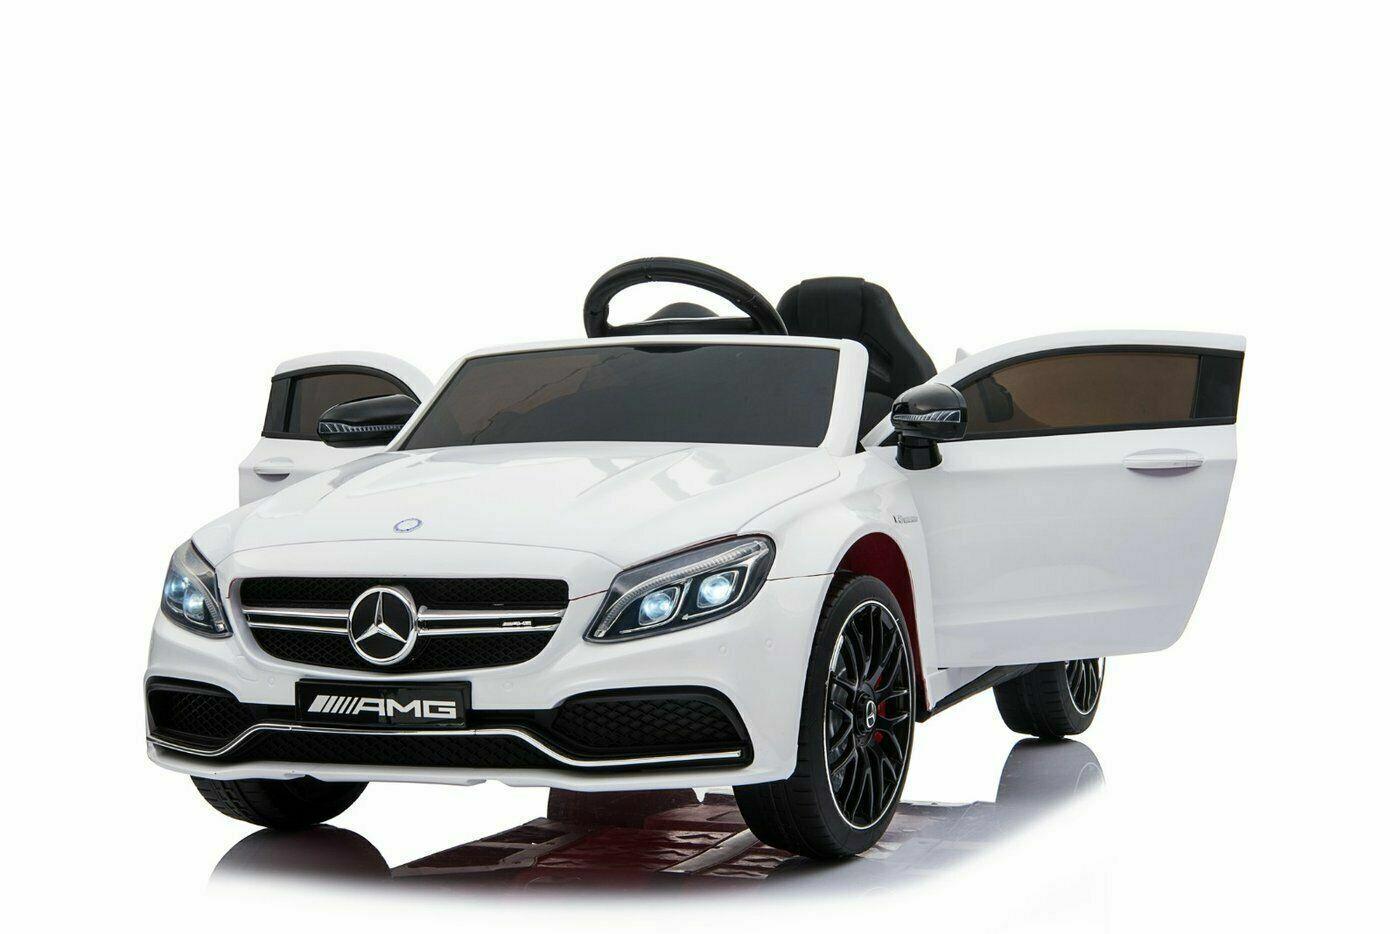 Mercedes c63 AMG 12v, control remoto a bordo de un cye infantil.